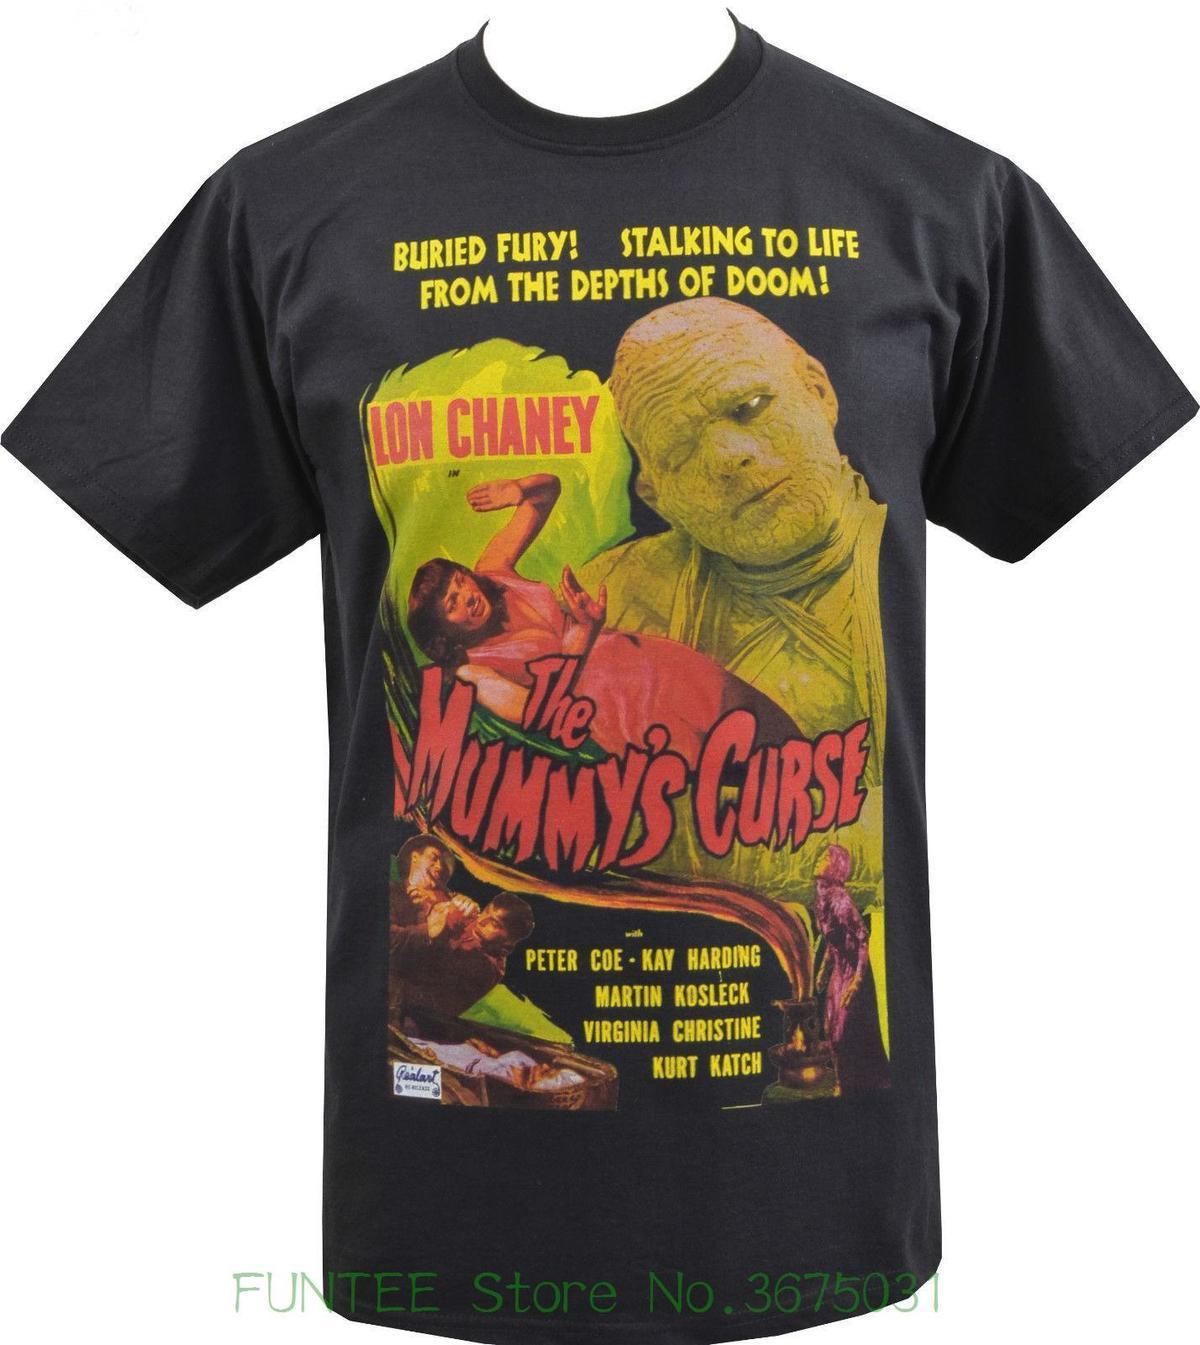 Compre Novo Metal De Manga Curta Casual Camisa Dos Homens T Shirt Preta  Mummys Curse Lon Chaney B Cartaz Do Filme Culto Horror S 5 Xl De Liguo0034 0dc49f2d3215e